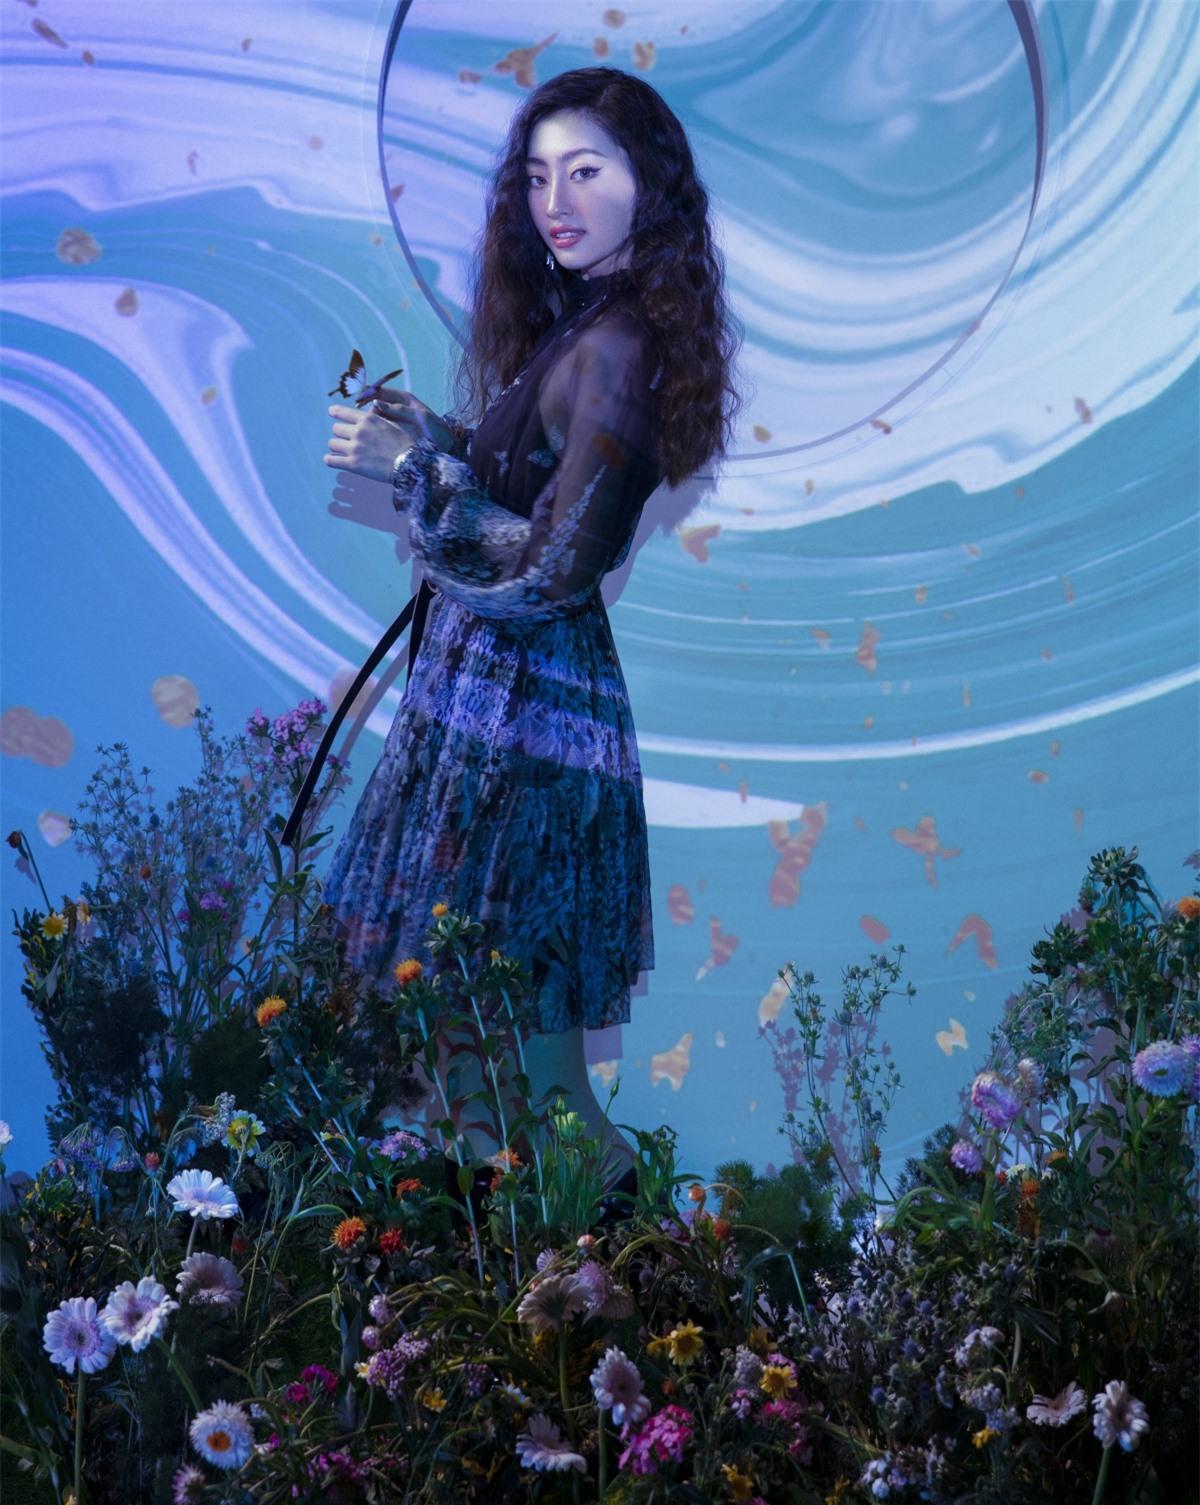 Sau đăng quang Hoa hậu, Lương Thuỳ Linh trở thành cái tên có sức ảnh hưởng lớn đến với cộng đồng thông qua những thành tích và vô số những hoạt động nổi bật.